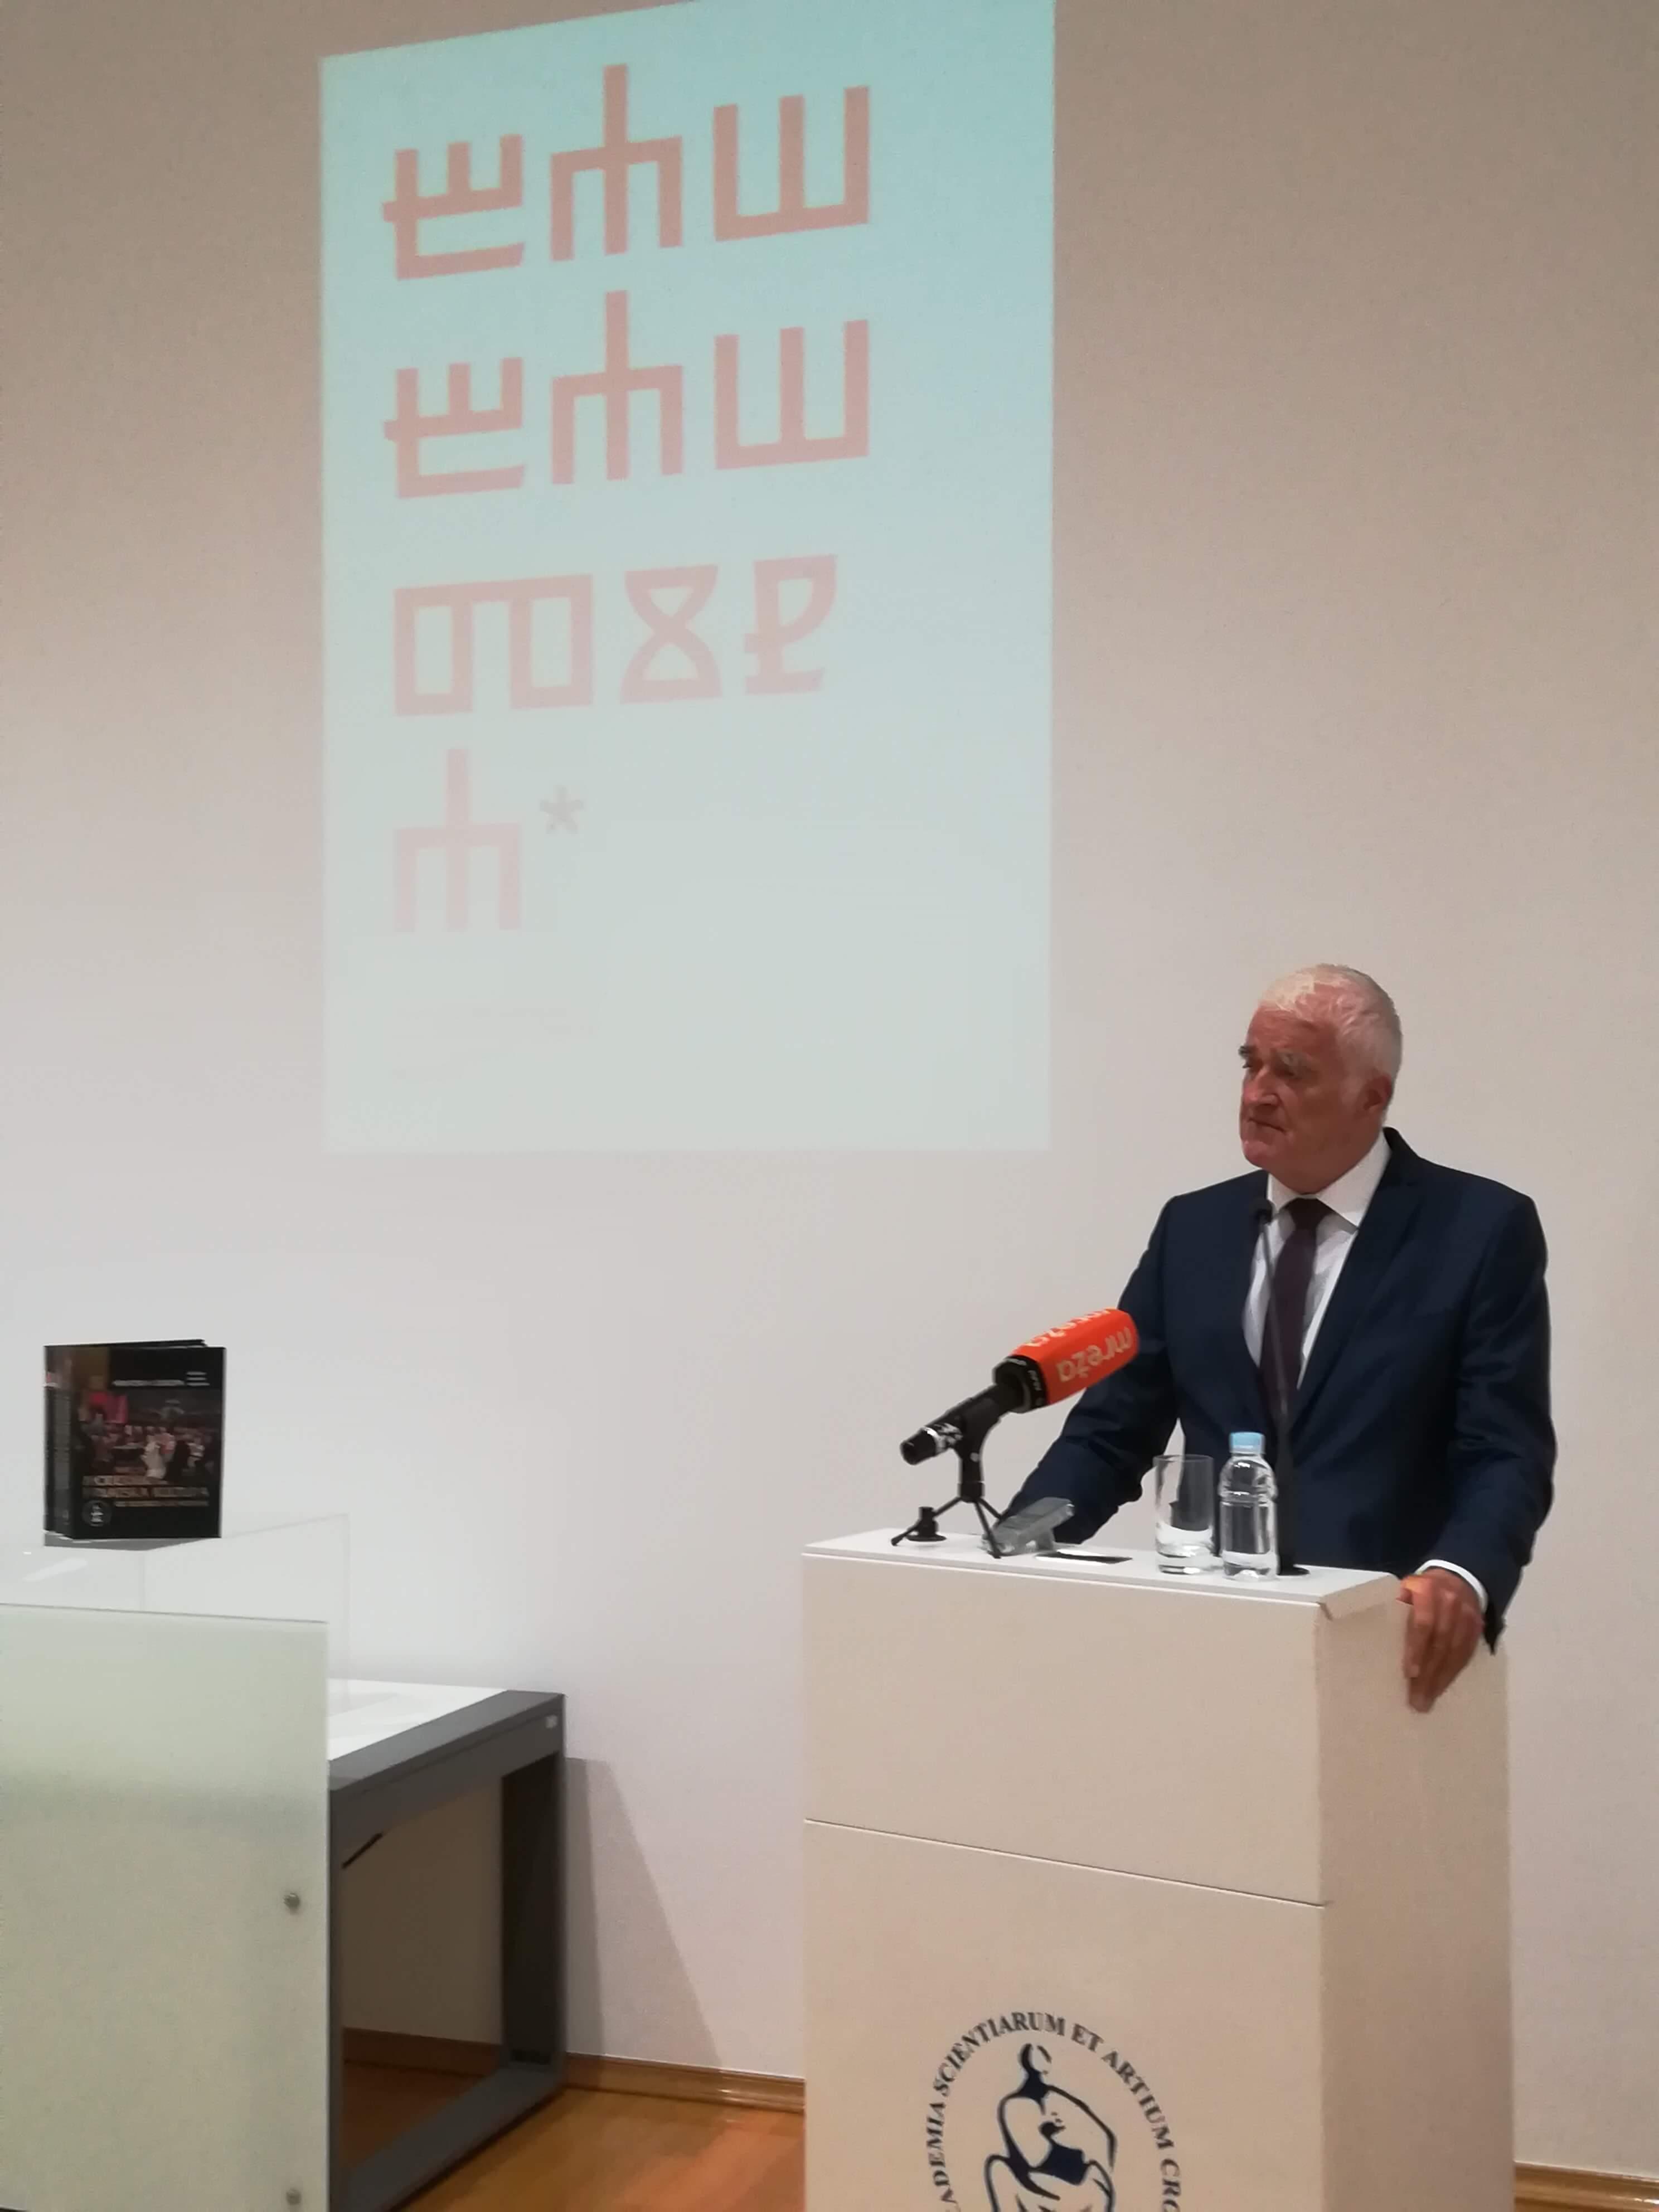 Akademik Zvonko Kusić, predsjednik Hrvatske akademije znanosti i umjetnosti, na svečanom otvaranju Mjeseca hrvatske knjige 2018.